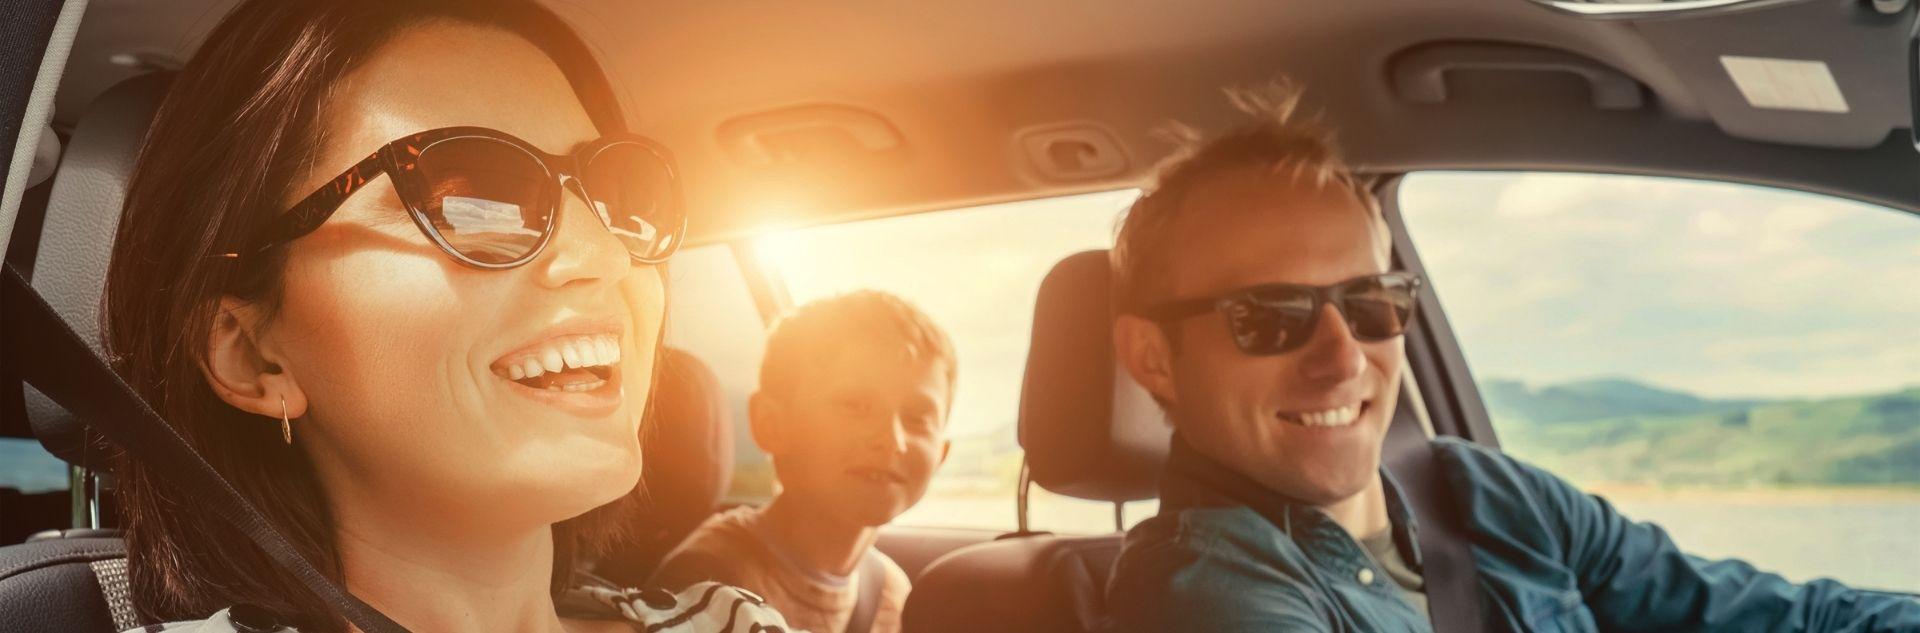 Städtetrips mit Kindern - Familie im Auto